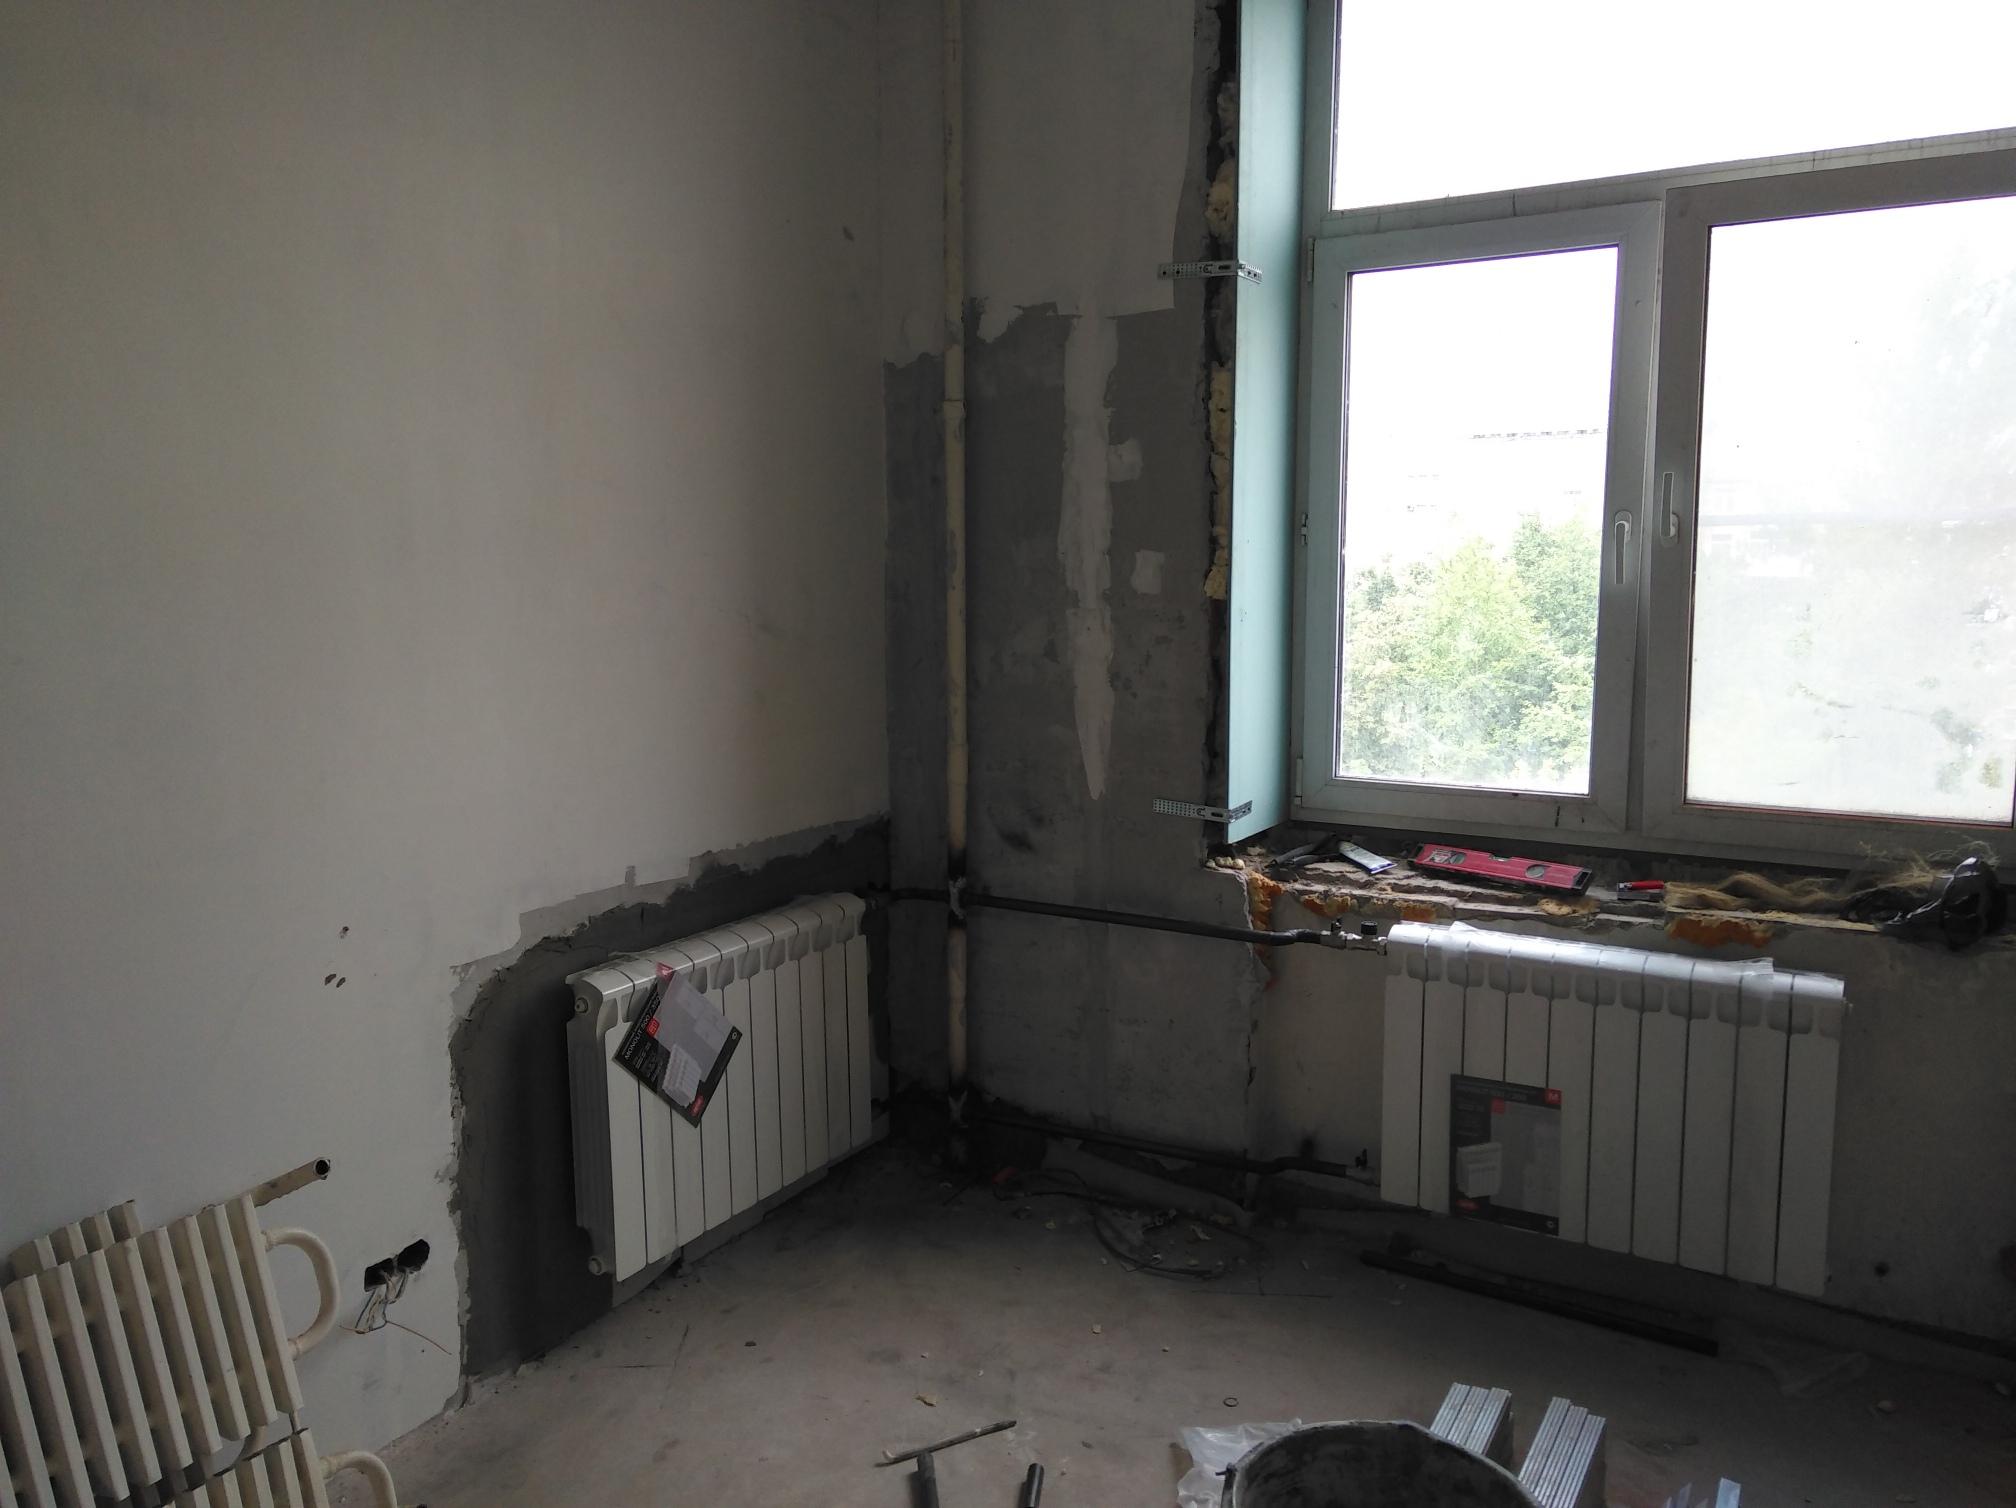 zamena-radiatorov-otopleniya-02